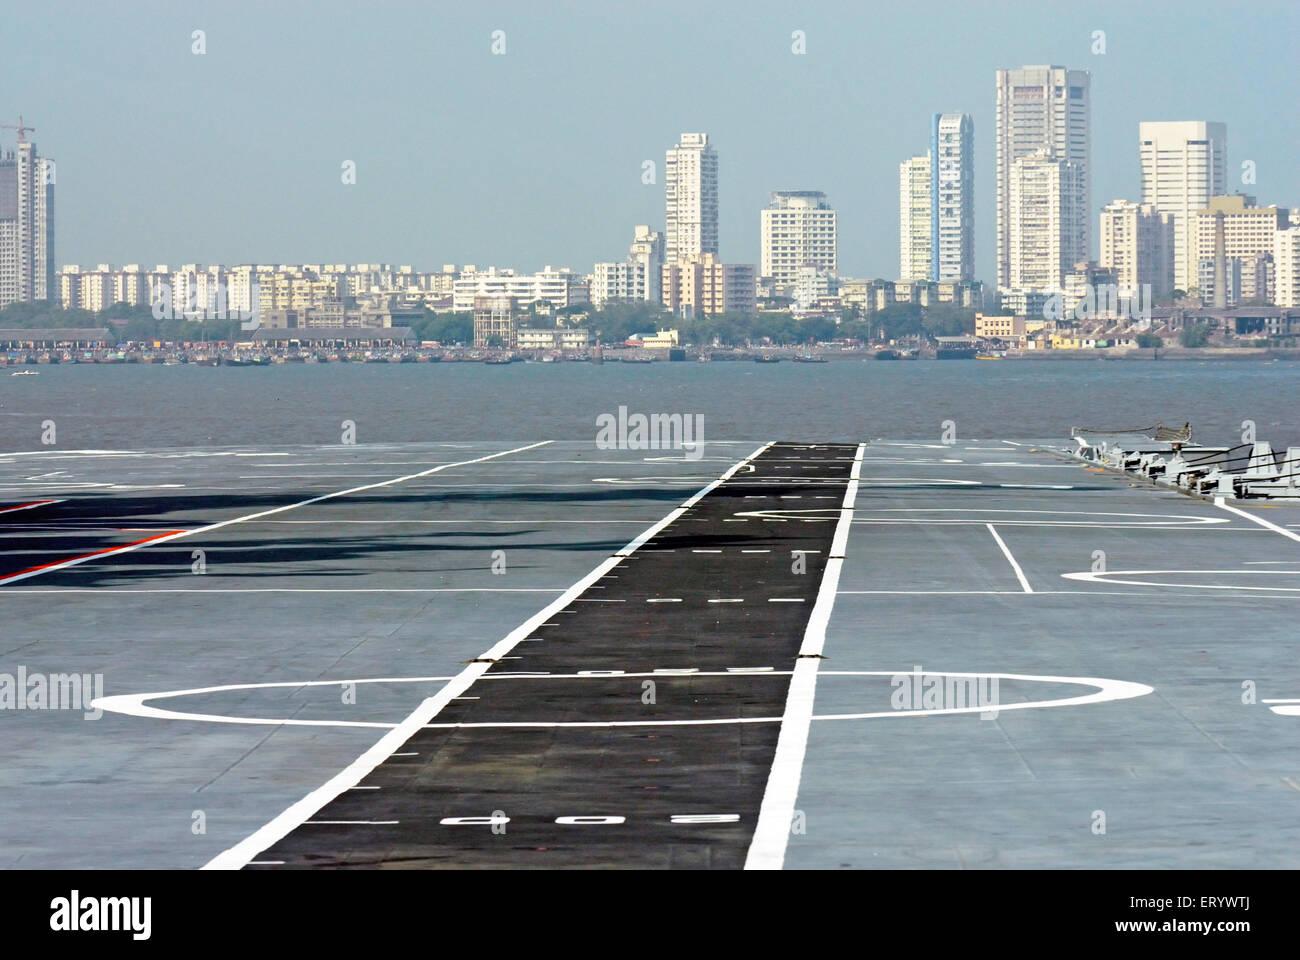 Flight deck of aircraft carrier INS viraat R22 indian navy ; Bombay ; Mumbai ; Maharashtra ; India - Stock Image